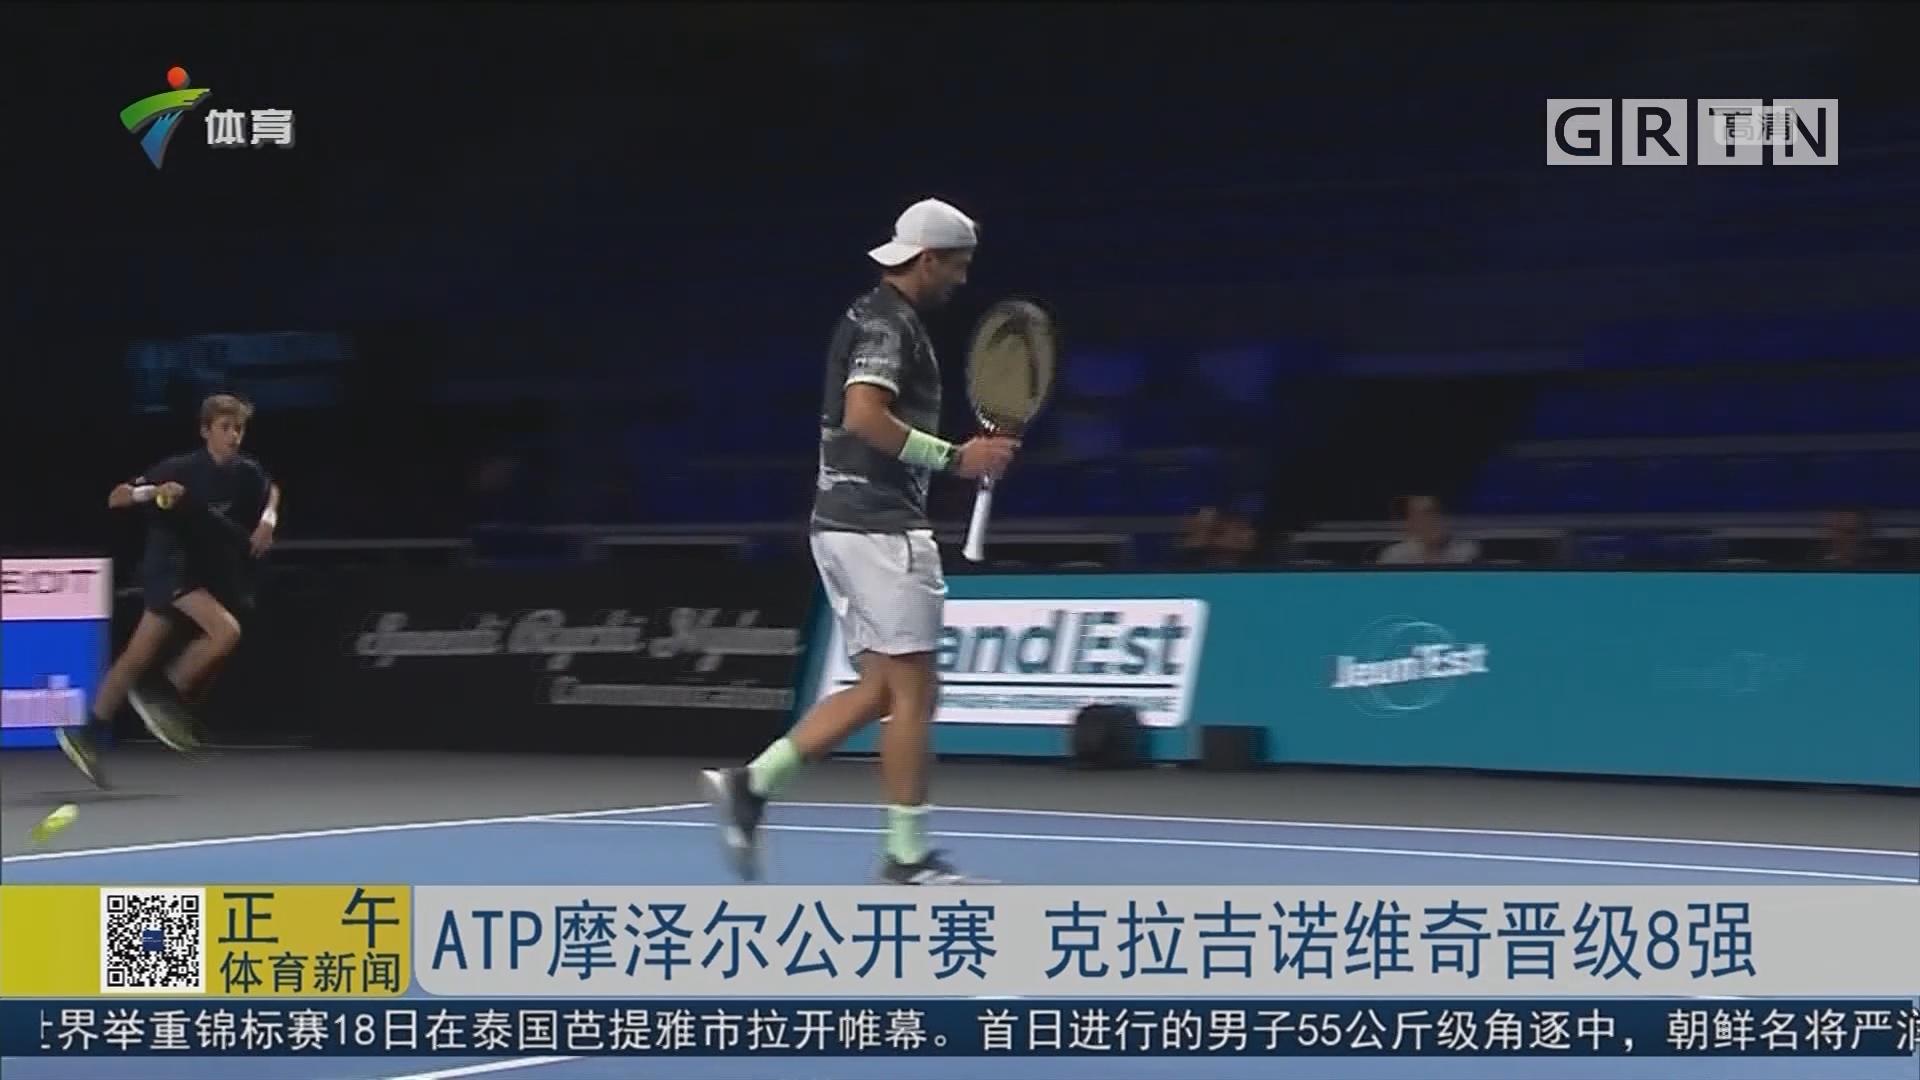 ATP摩泽尔公开赛 克拉吉诺维奇晋级8强